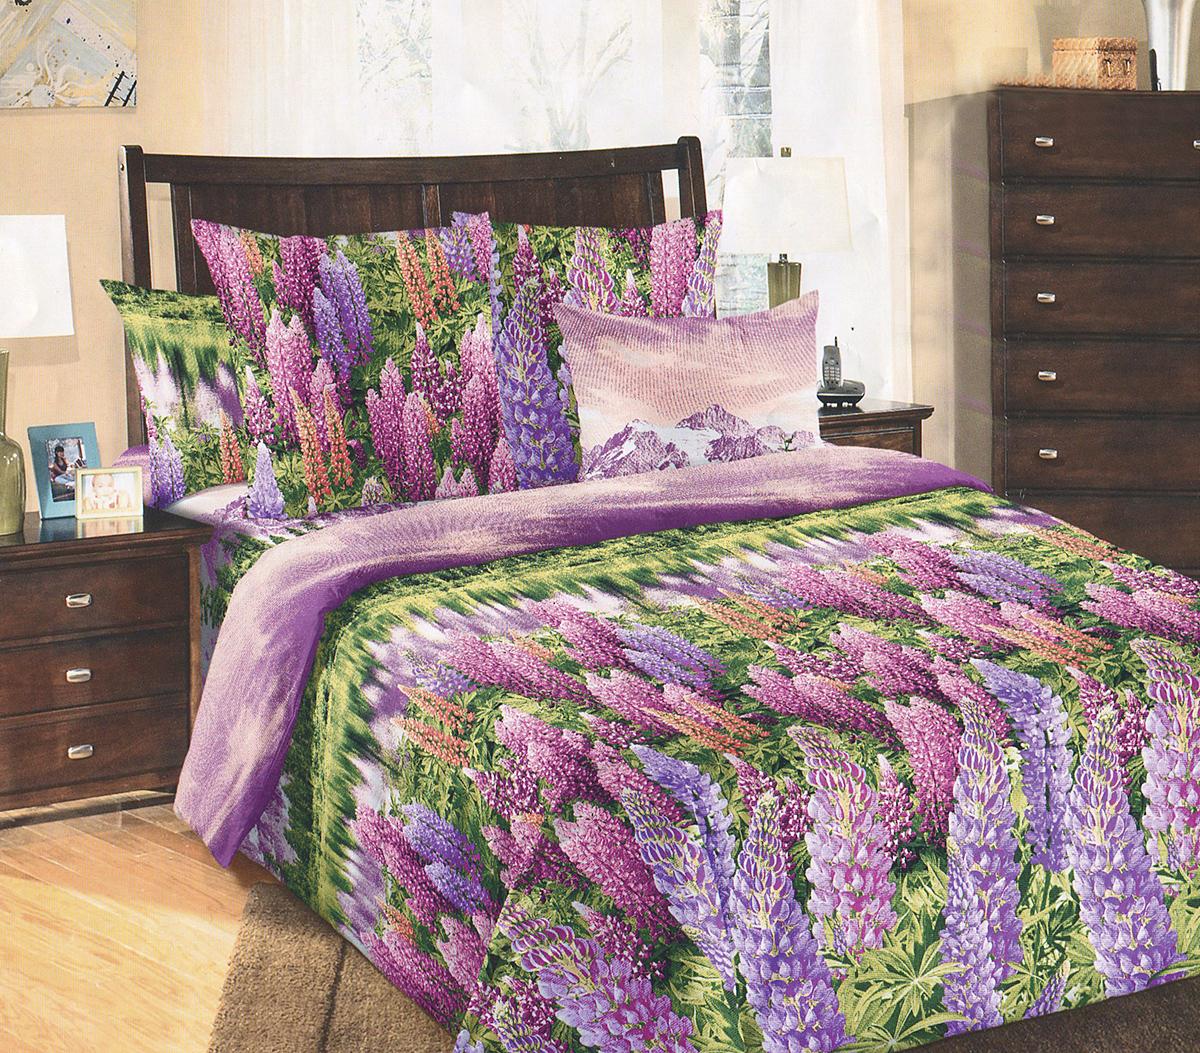 Комплект белья БеЛиссимо Люпины, 2-спальный, наволочки 70х70, цвет: сиреневый, фиолетовый, зеленый2100БКомплект постельного белья БеЛиссимо Люпины является экологически безопасным для всей семьи, так как выполнен из натурального хлопка. Комплект состоит из пододеяльника, простыни и двух наволочек. Постельное белье оформлено оригинальным цветочным 3D рисунком и имеет изысканный внешний вид.Для производства постельного белья используются экологичные ткани высочайшего качества.Бязь - хлопчатобумажная плотная ткань полотняного переплетения. Отличается прочностью и стойкостью к многочисленным стиркам. Бязь считается одной из наиболее подходящих тканей, для производства постельного белья и пользуется в России большим спросом.Коллекция эксклюзивных дизайнов БеЛиссимо - это яркое настроение интерьера вашей спальни. Натуральная ткань (бязь, 100% хлопок) и отличный пошив комплектов - залог вашего комфортного здорового сна.